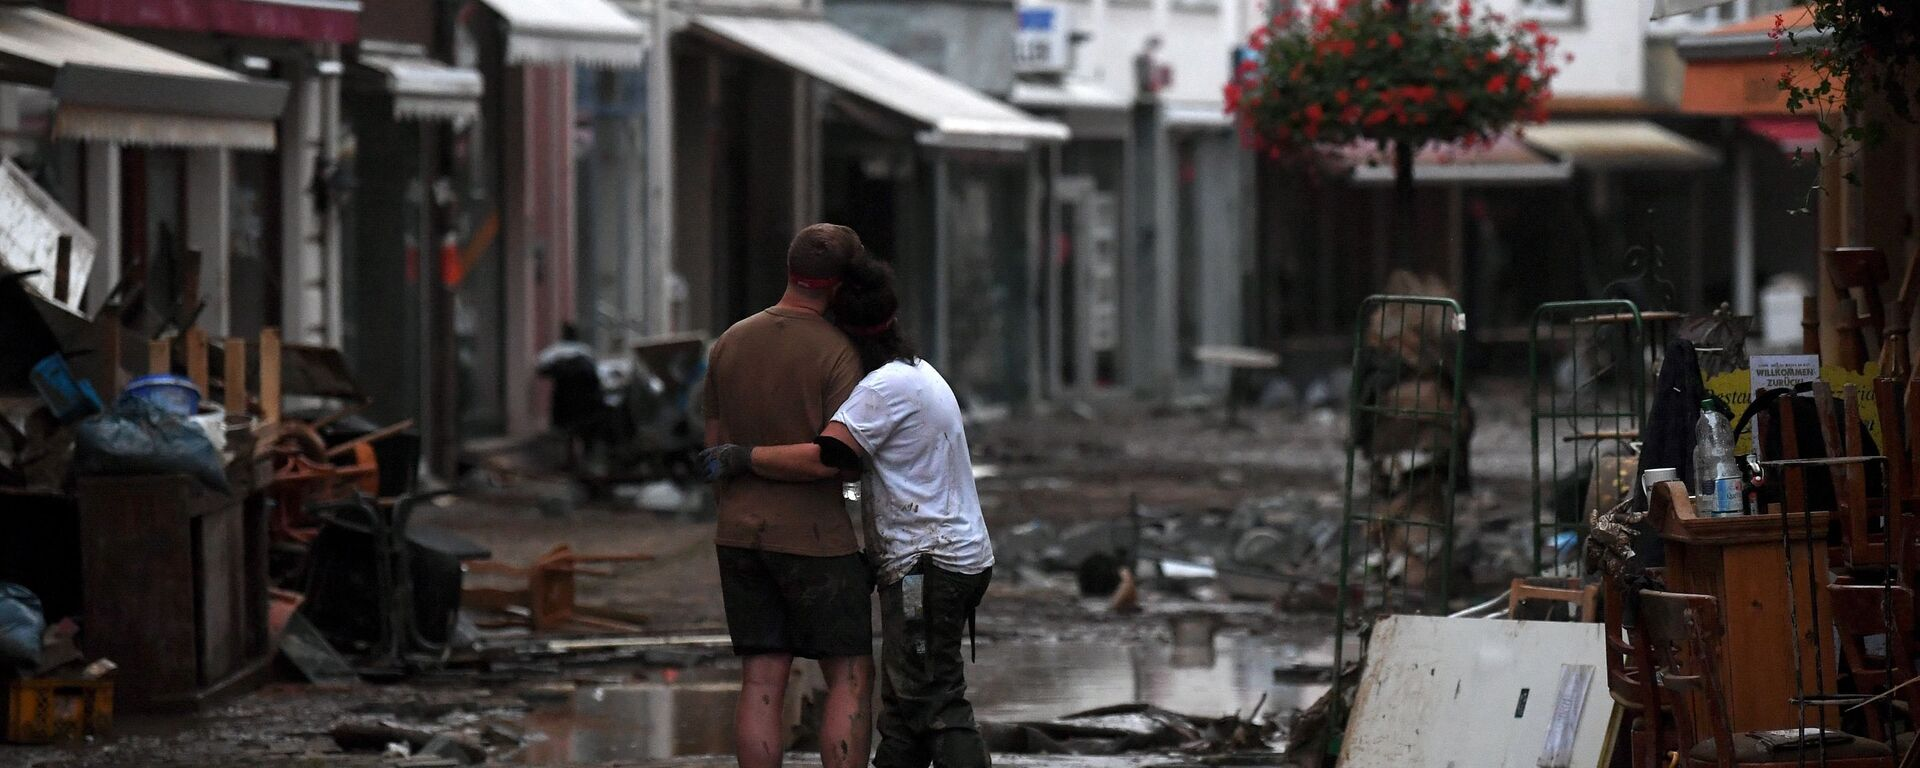 Пара обнимаются, стоя среди обломков, в городе Бад-Нойенар-Арвайлер, Германия  - Sputnik Polska, 1920, 18.07.2021